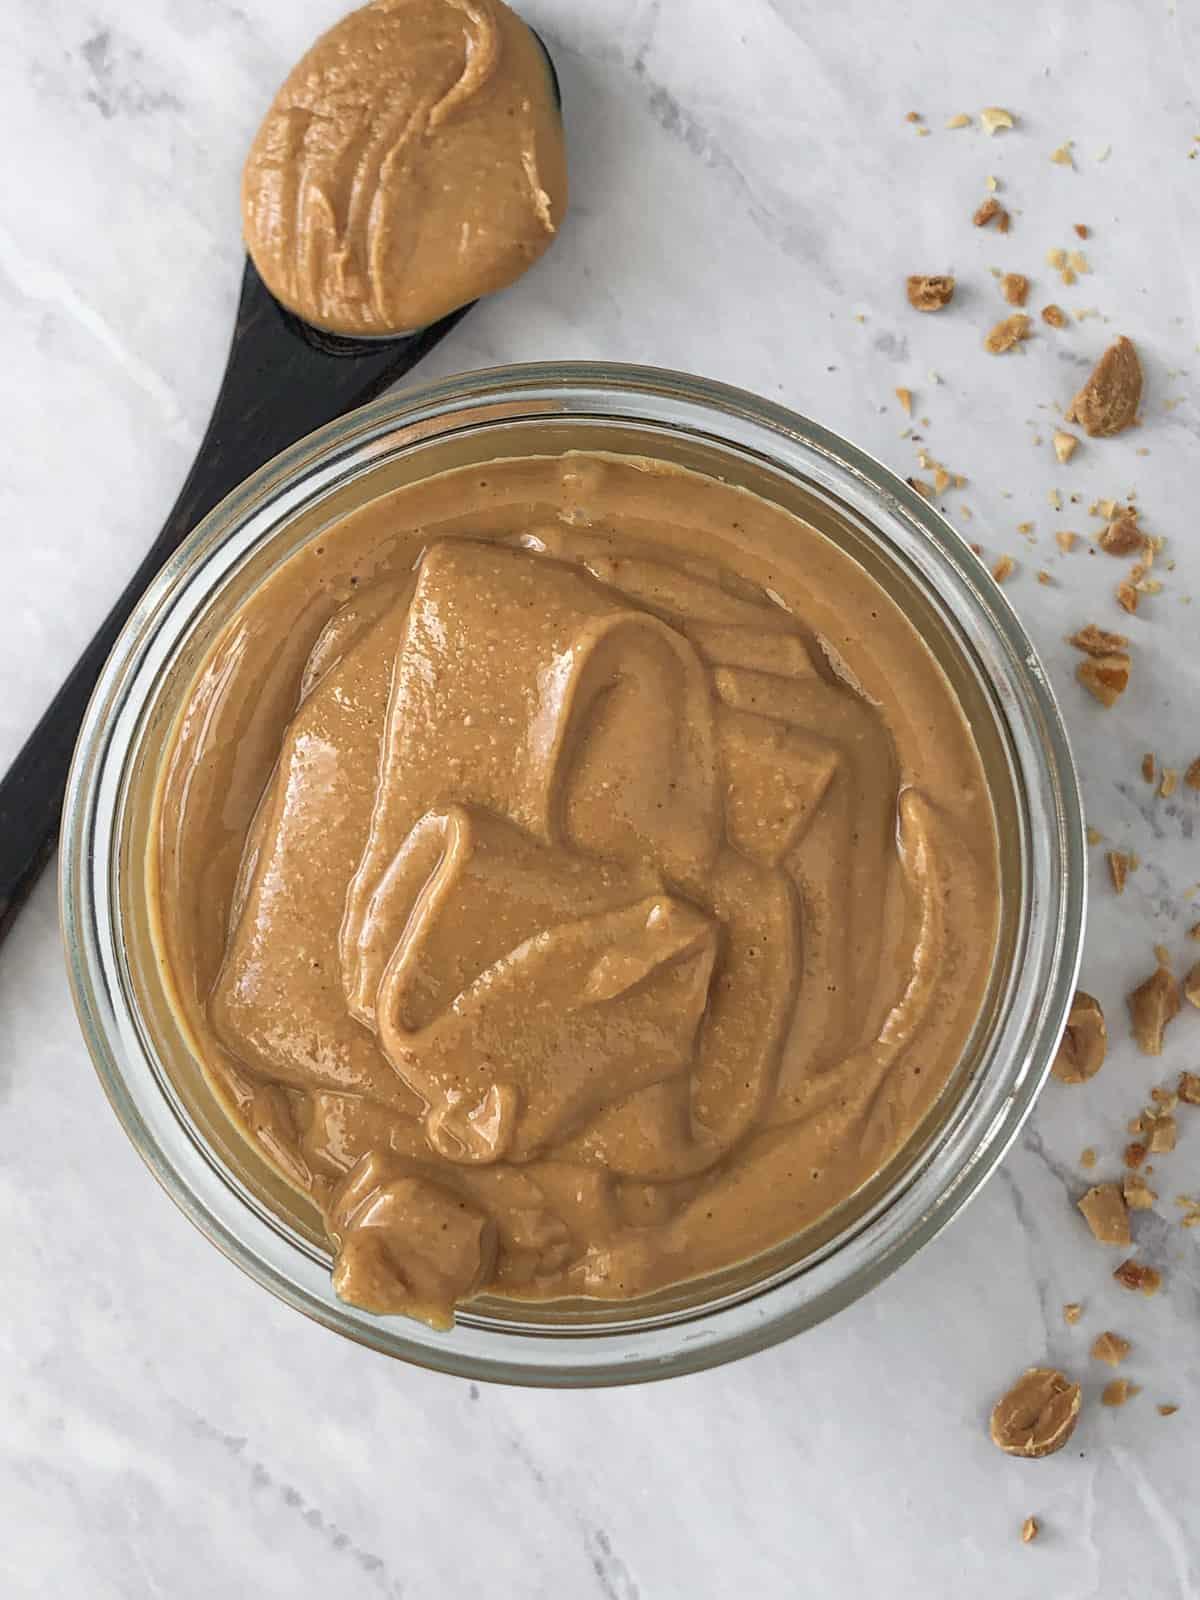 Jar of homemade rich creamy peanut butter.